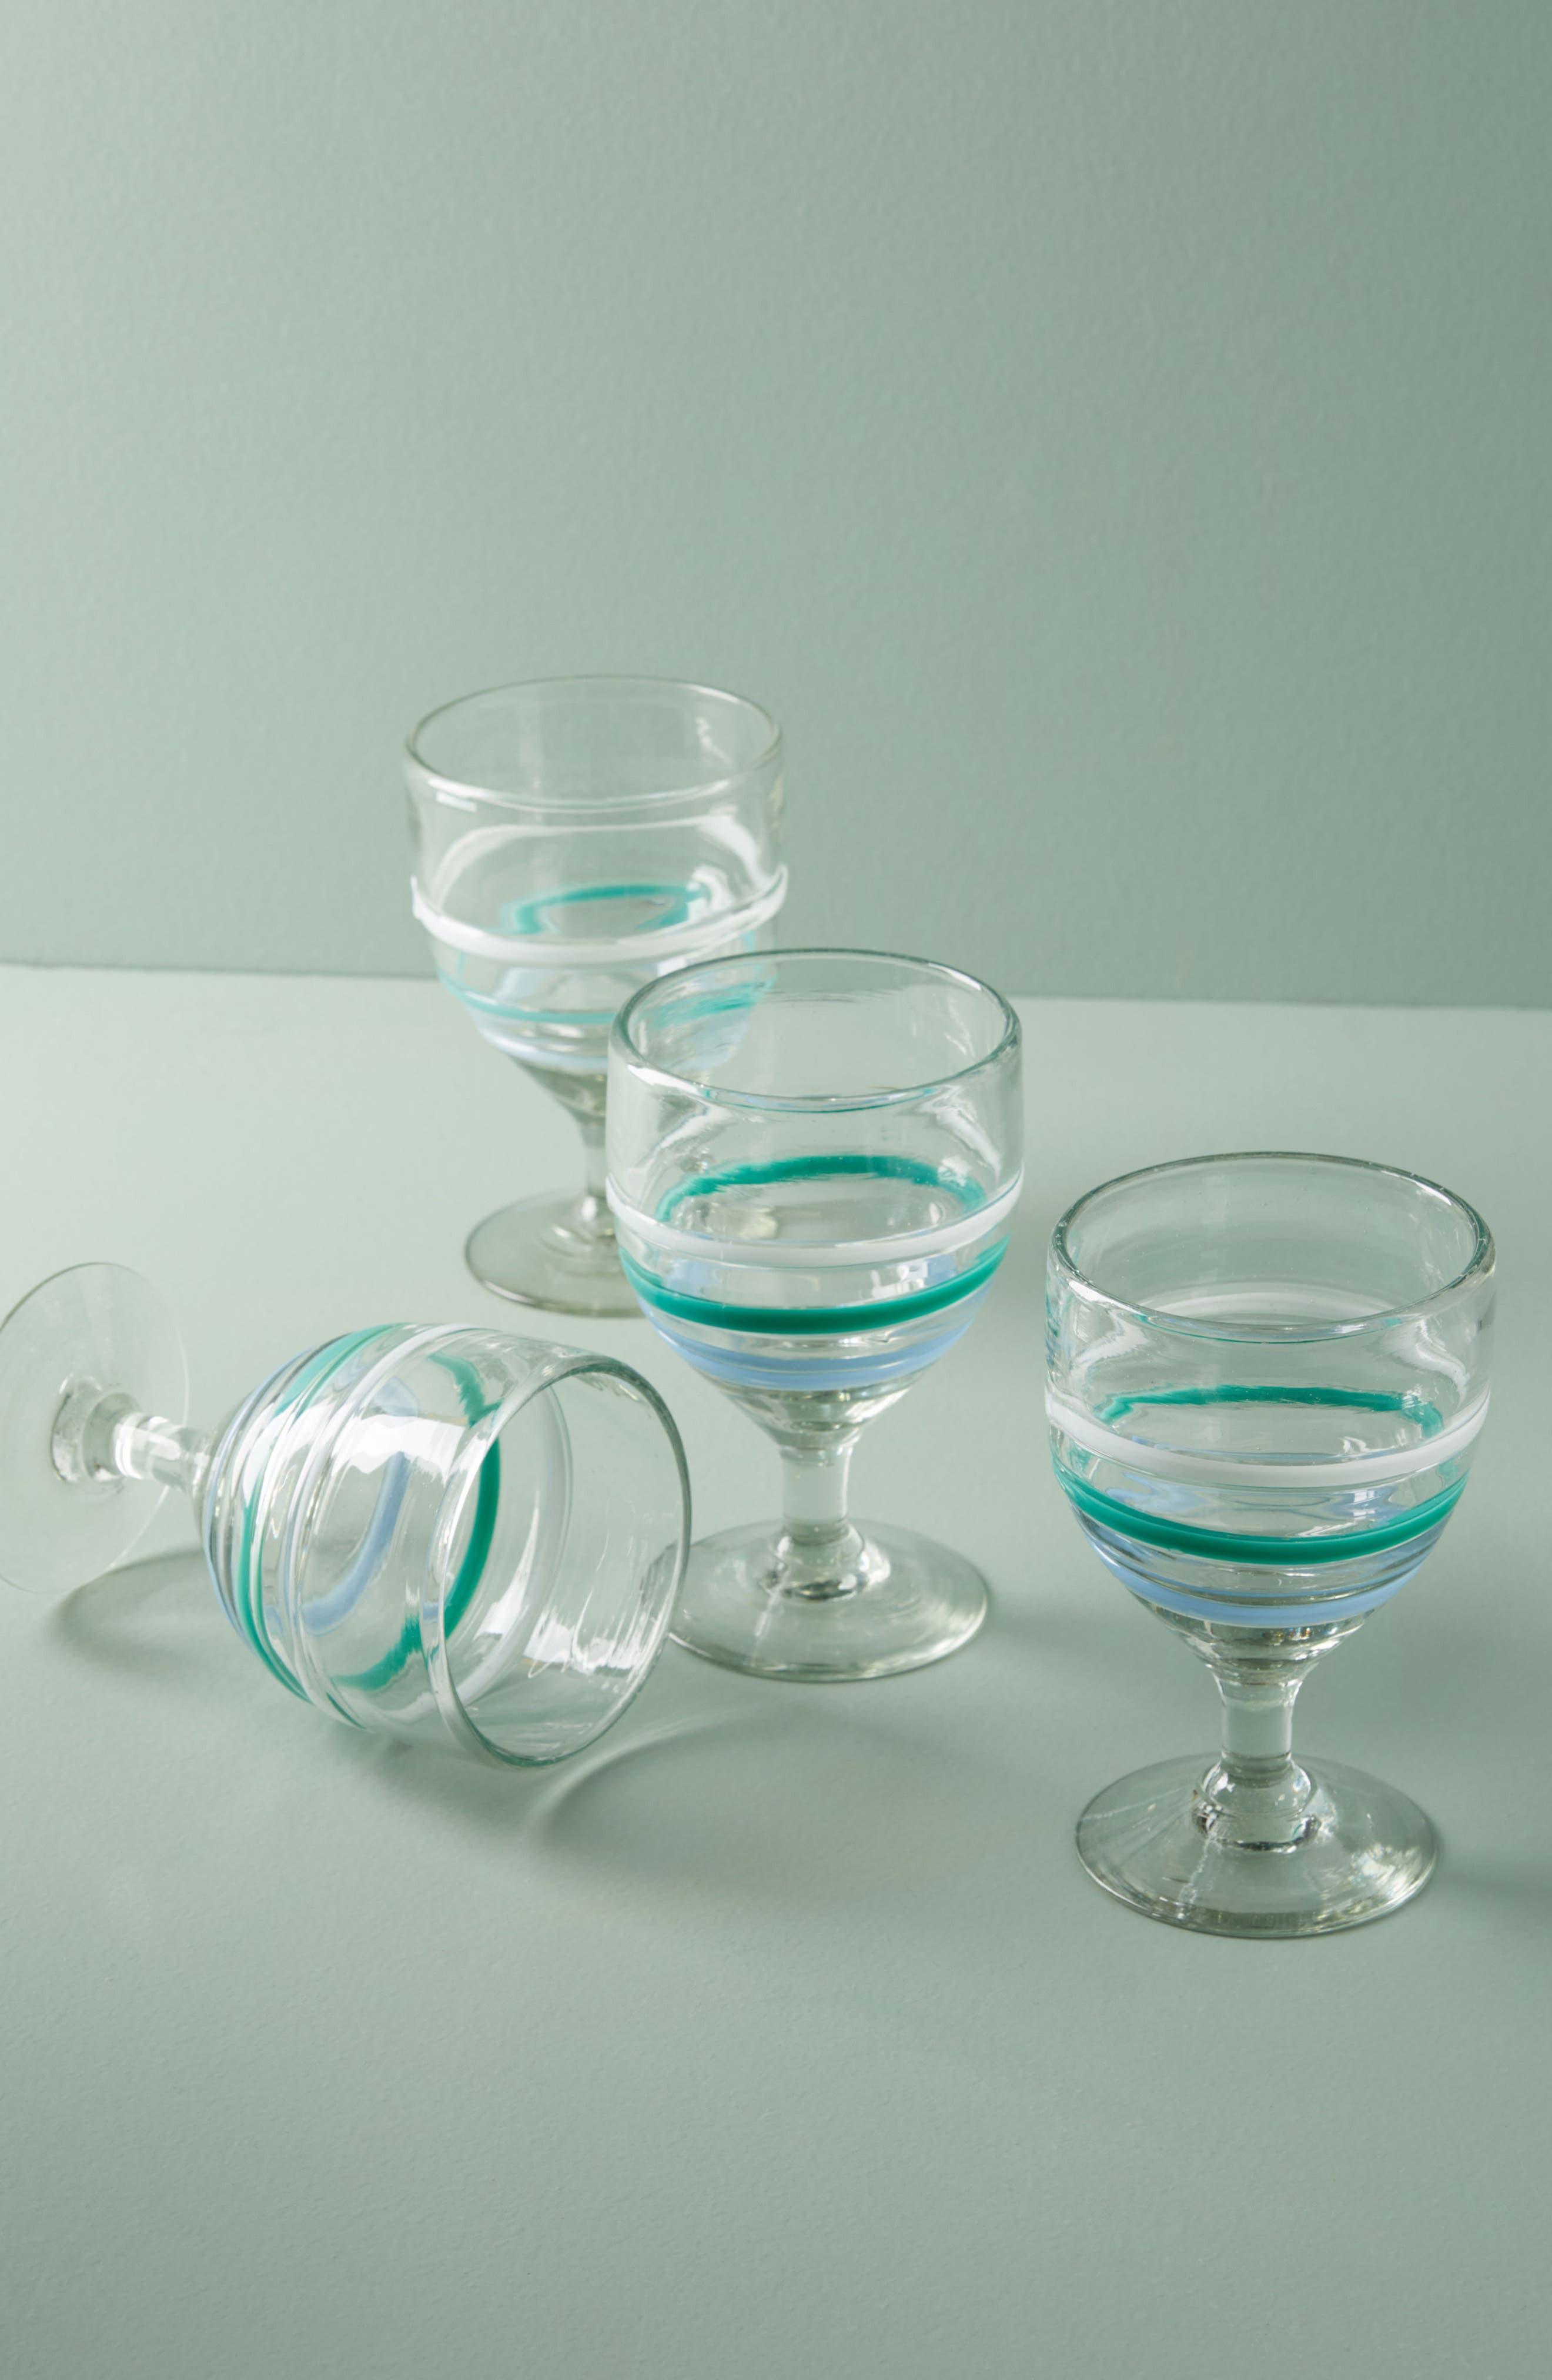 Anthropologie Pipiry Set of 4 Wine Glasses